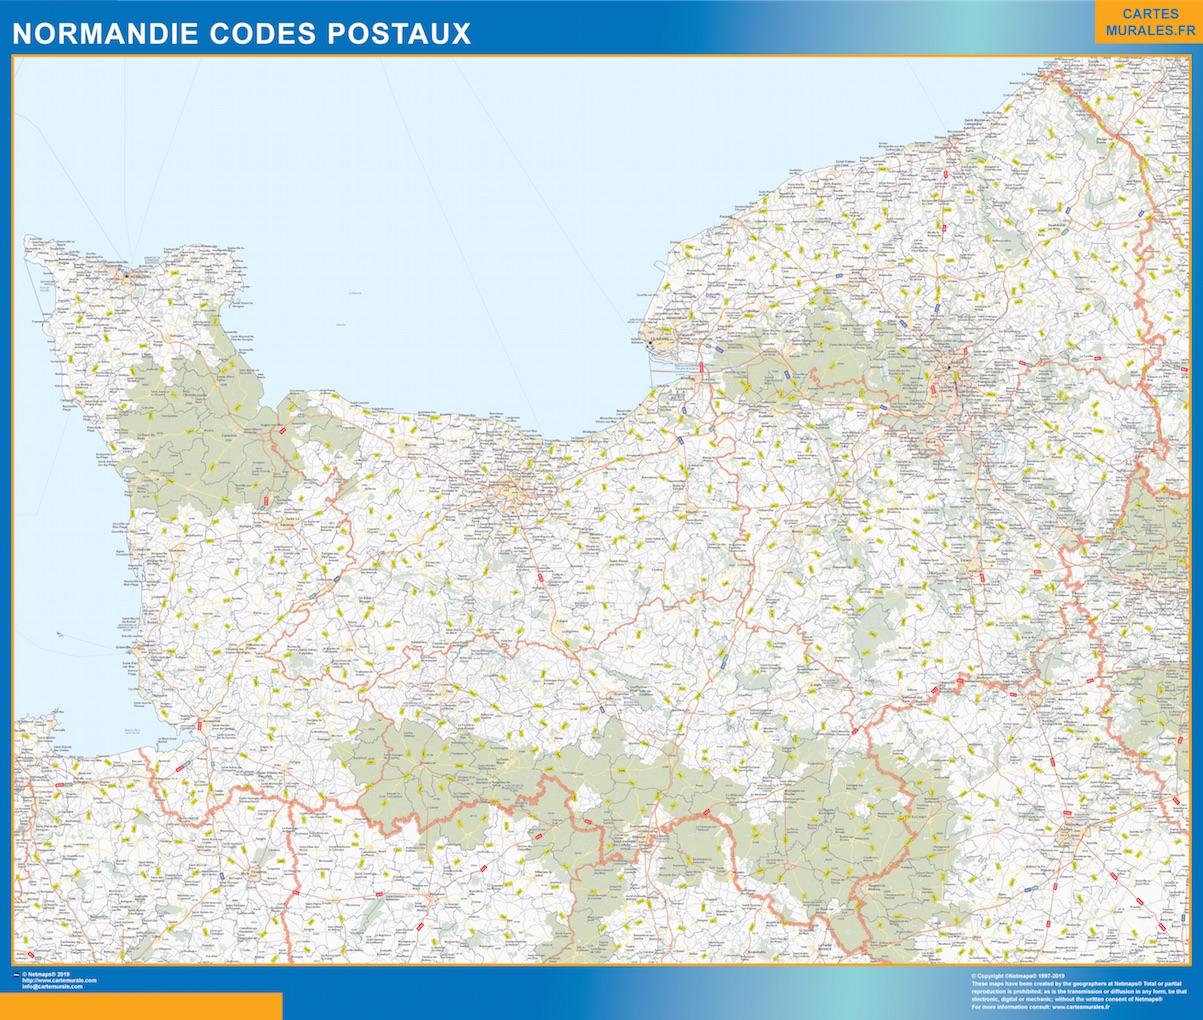 Región Normandie codigos postales plastificado gigante